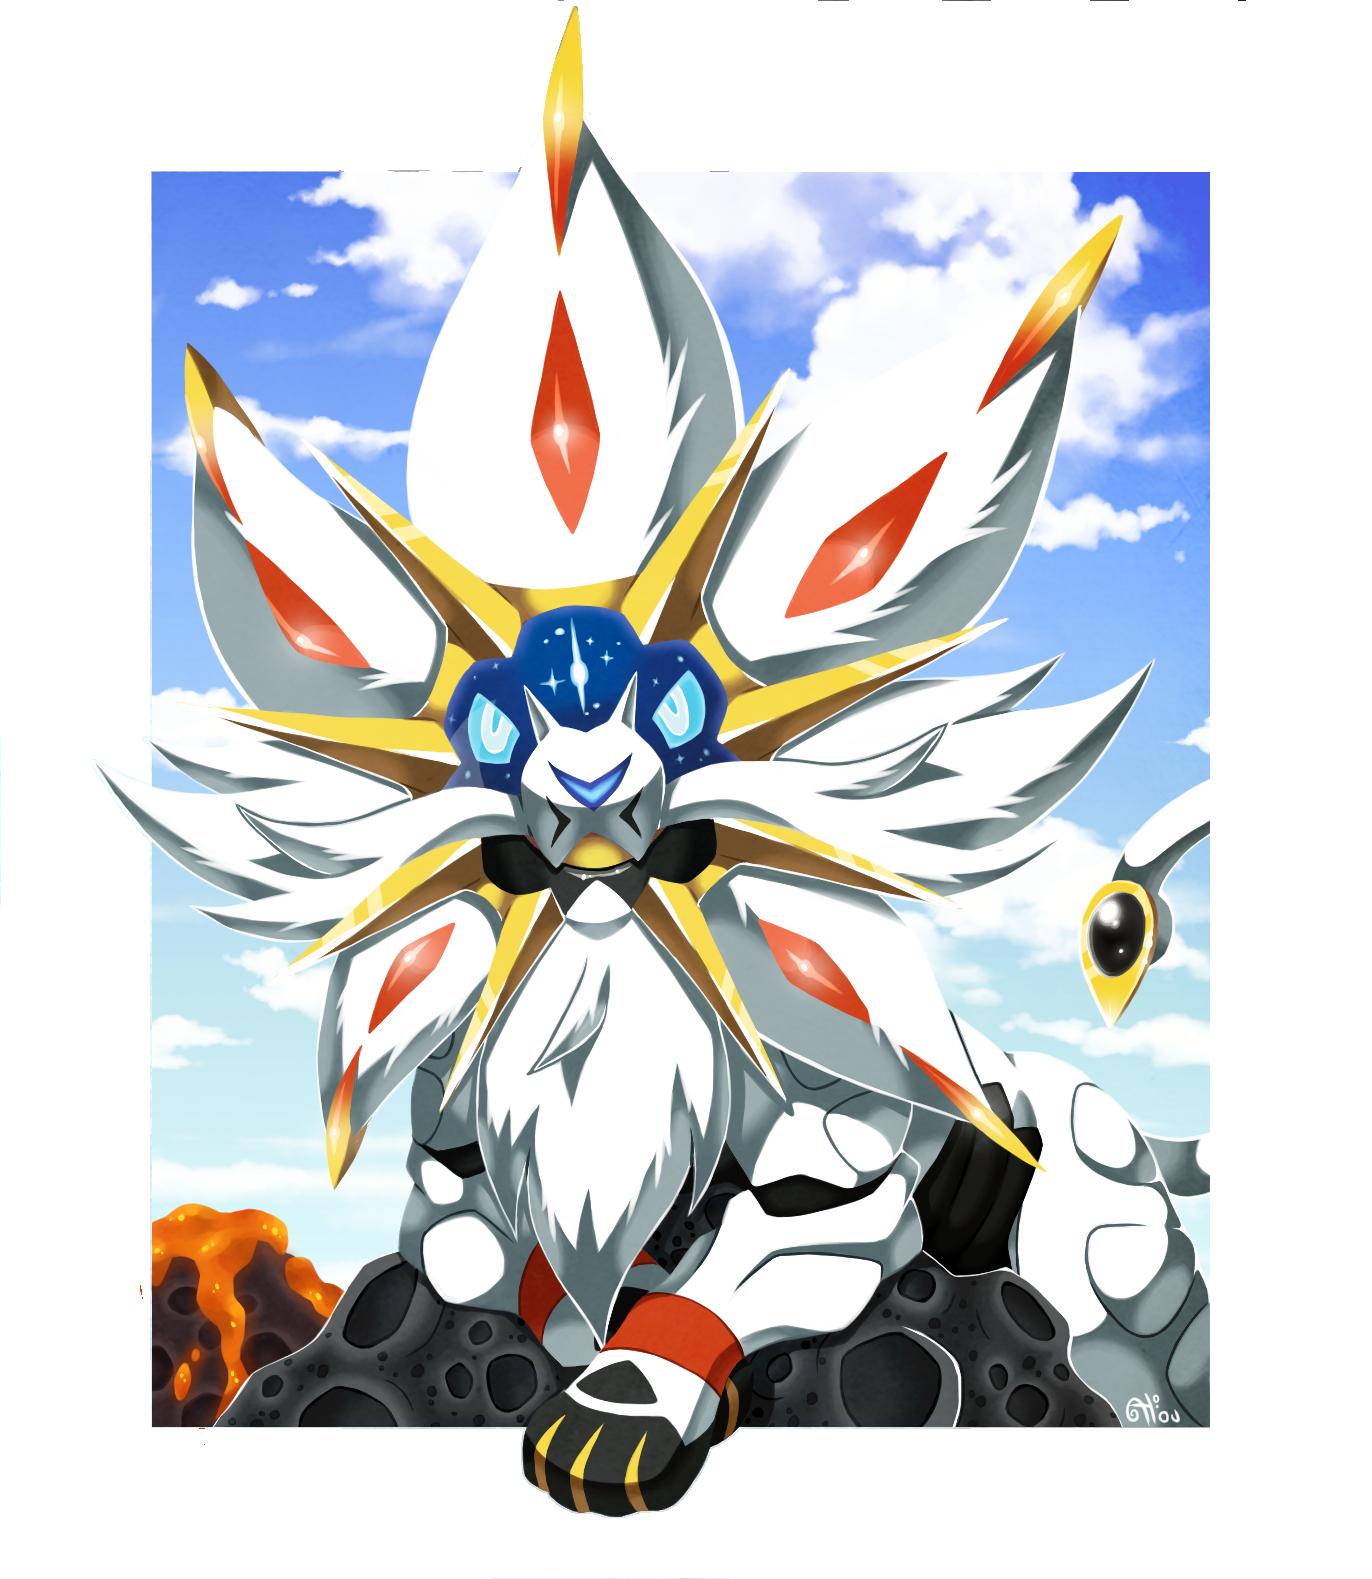 Espace membre galerie de yonaka - Image pokemon legendaire ...